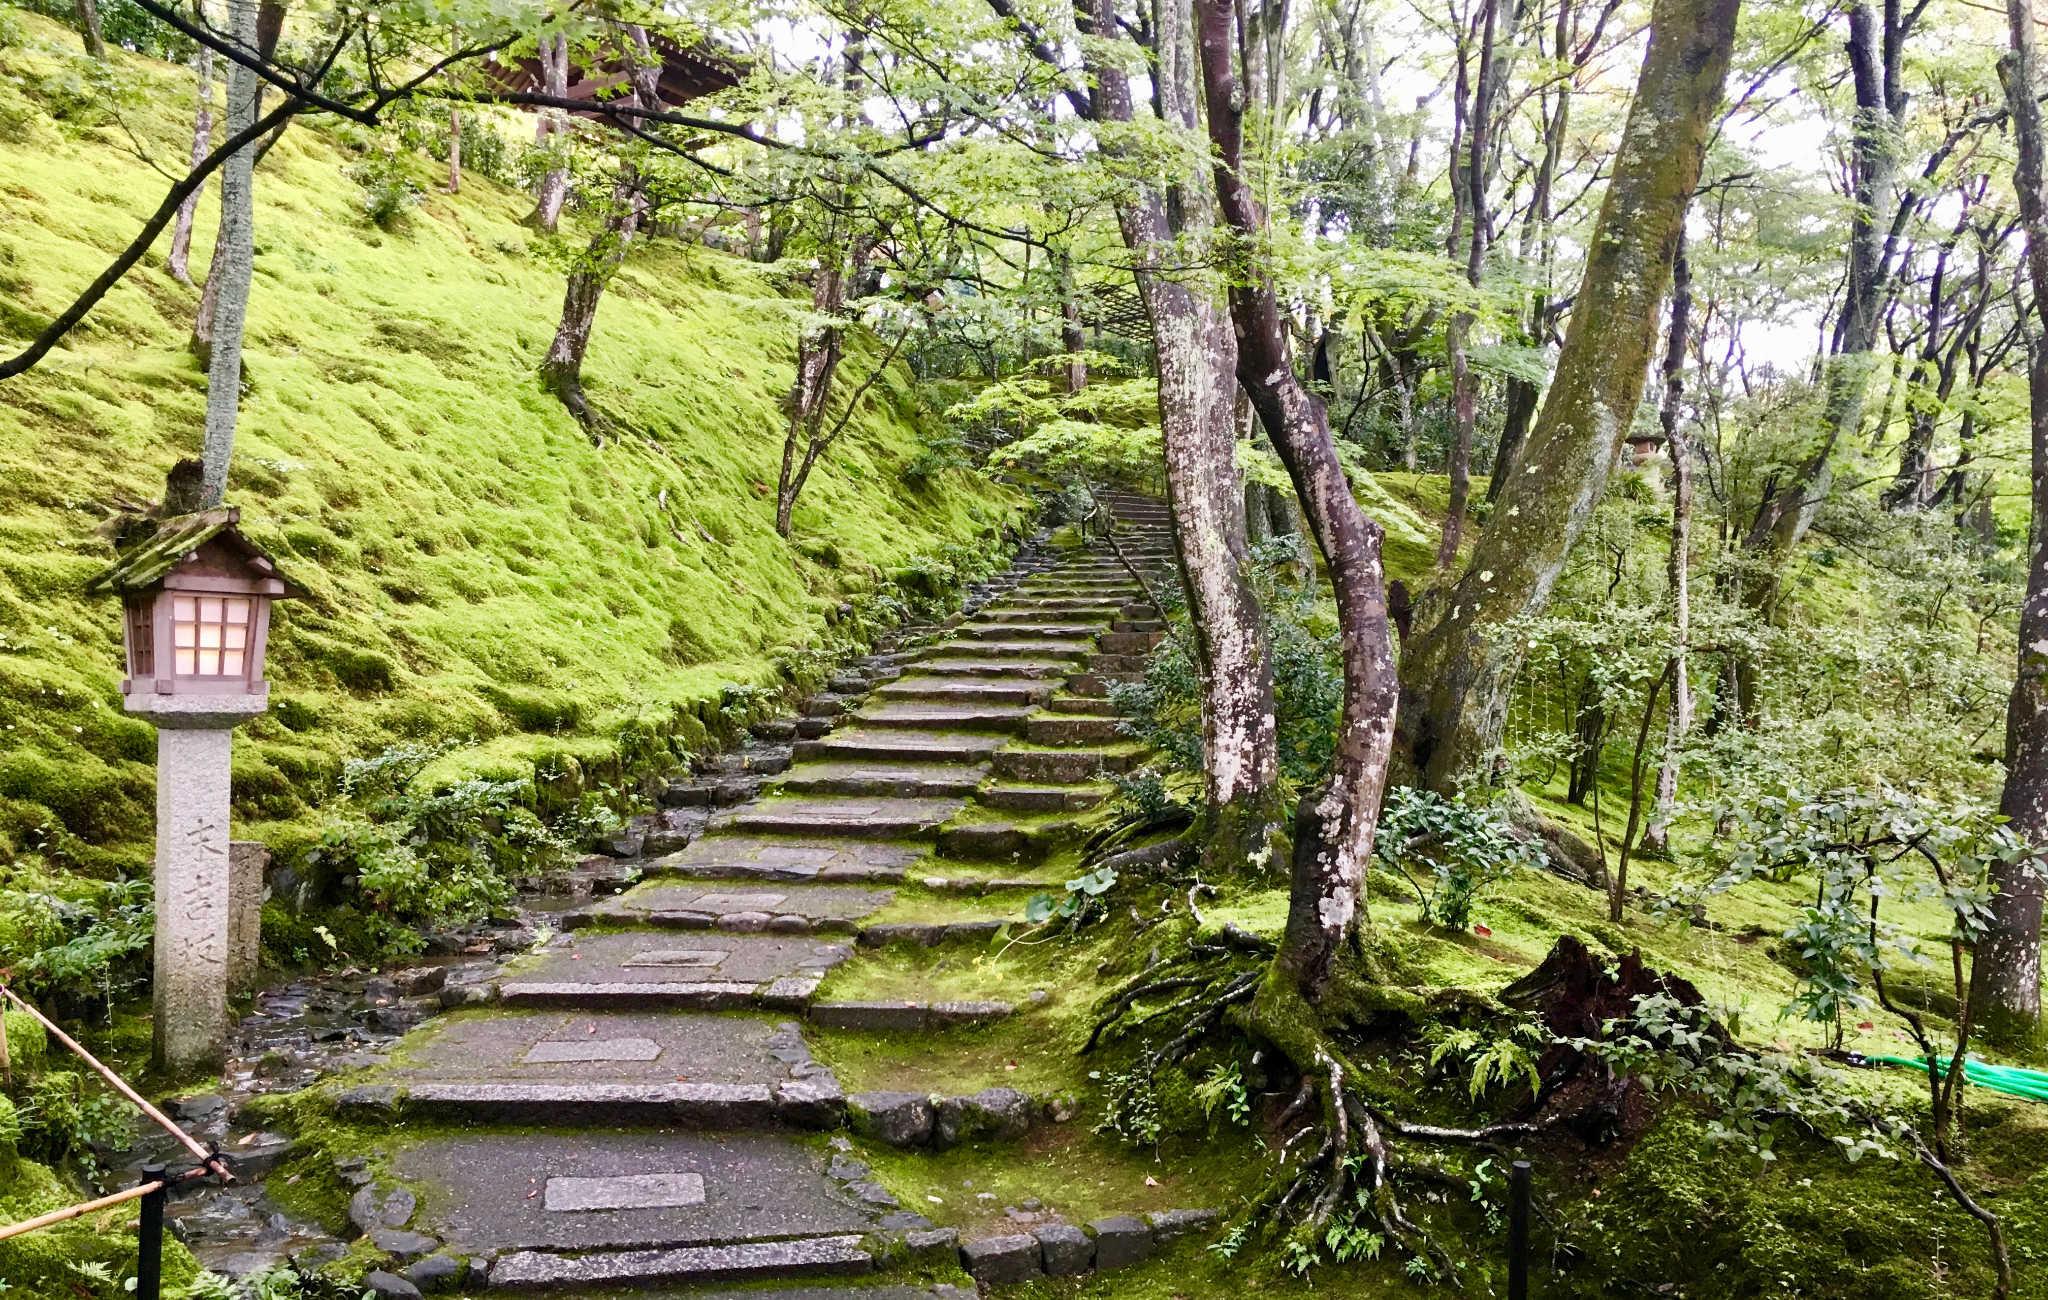 On visite le temple à travers divers chemins au milieu d'une végétation verdoyante